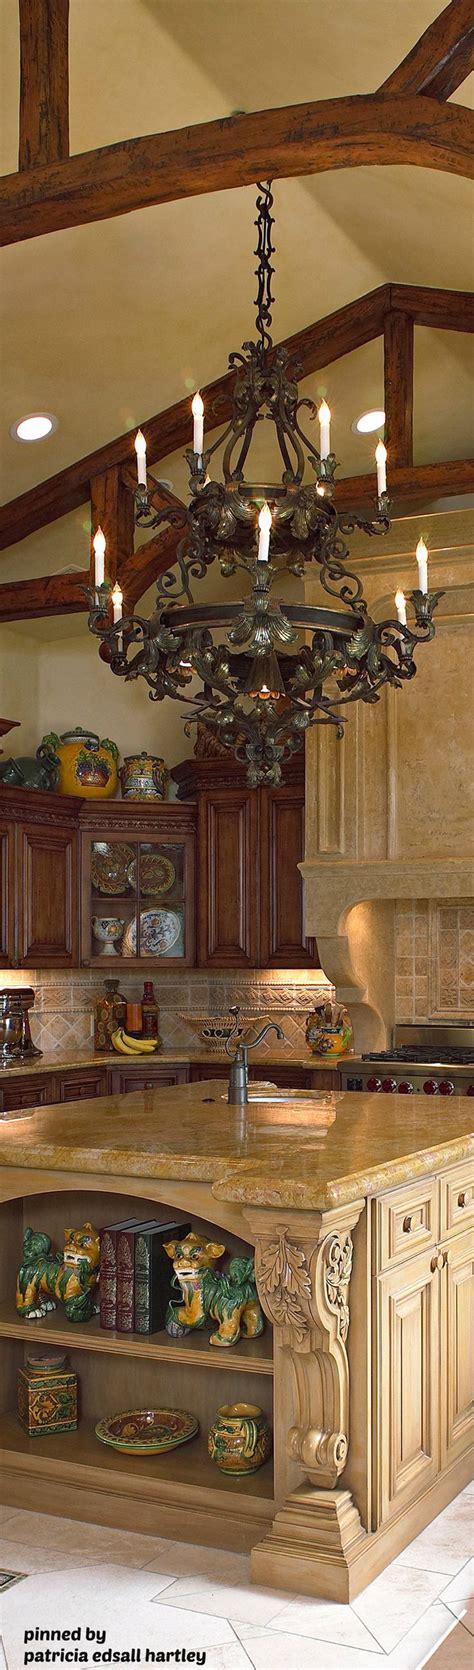 tuscan kitchen lighting best 25 tuscan kitchen decor ideas on 2982